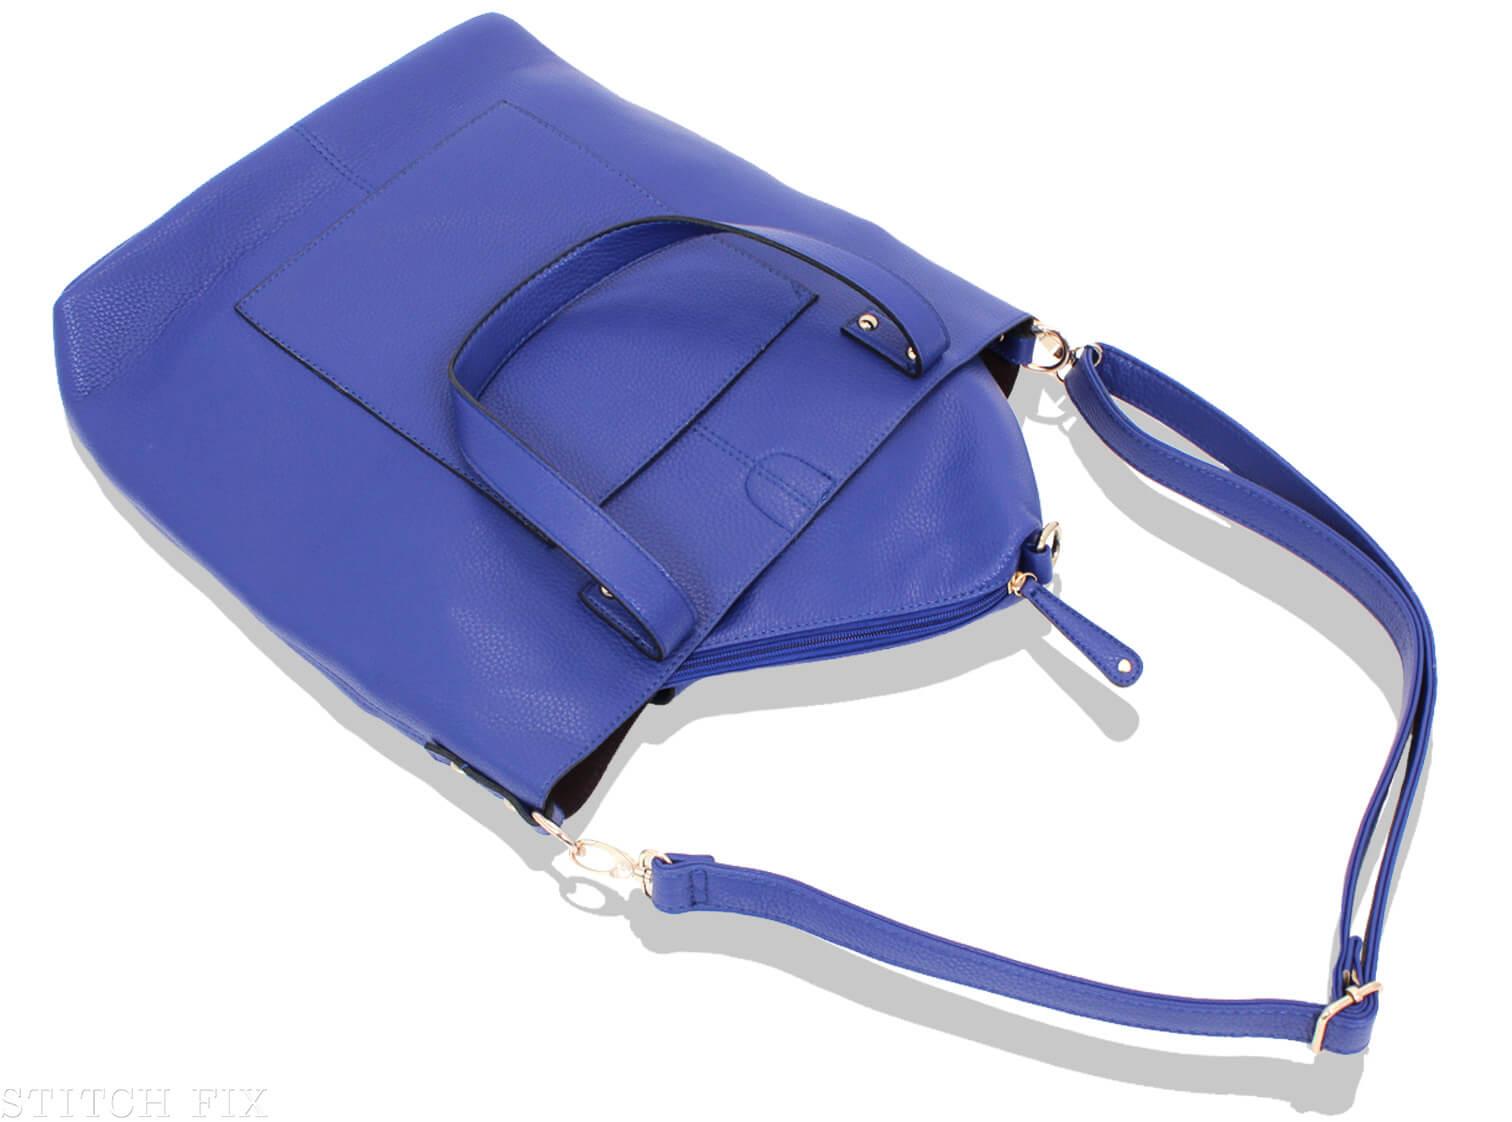 Bag Series 1